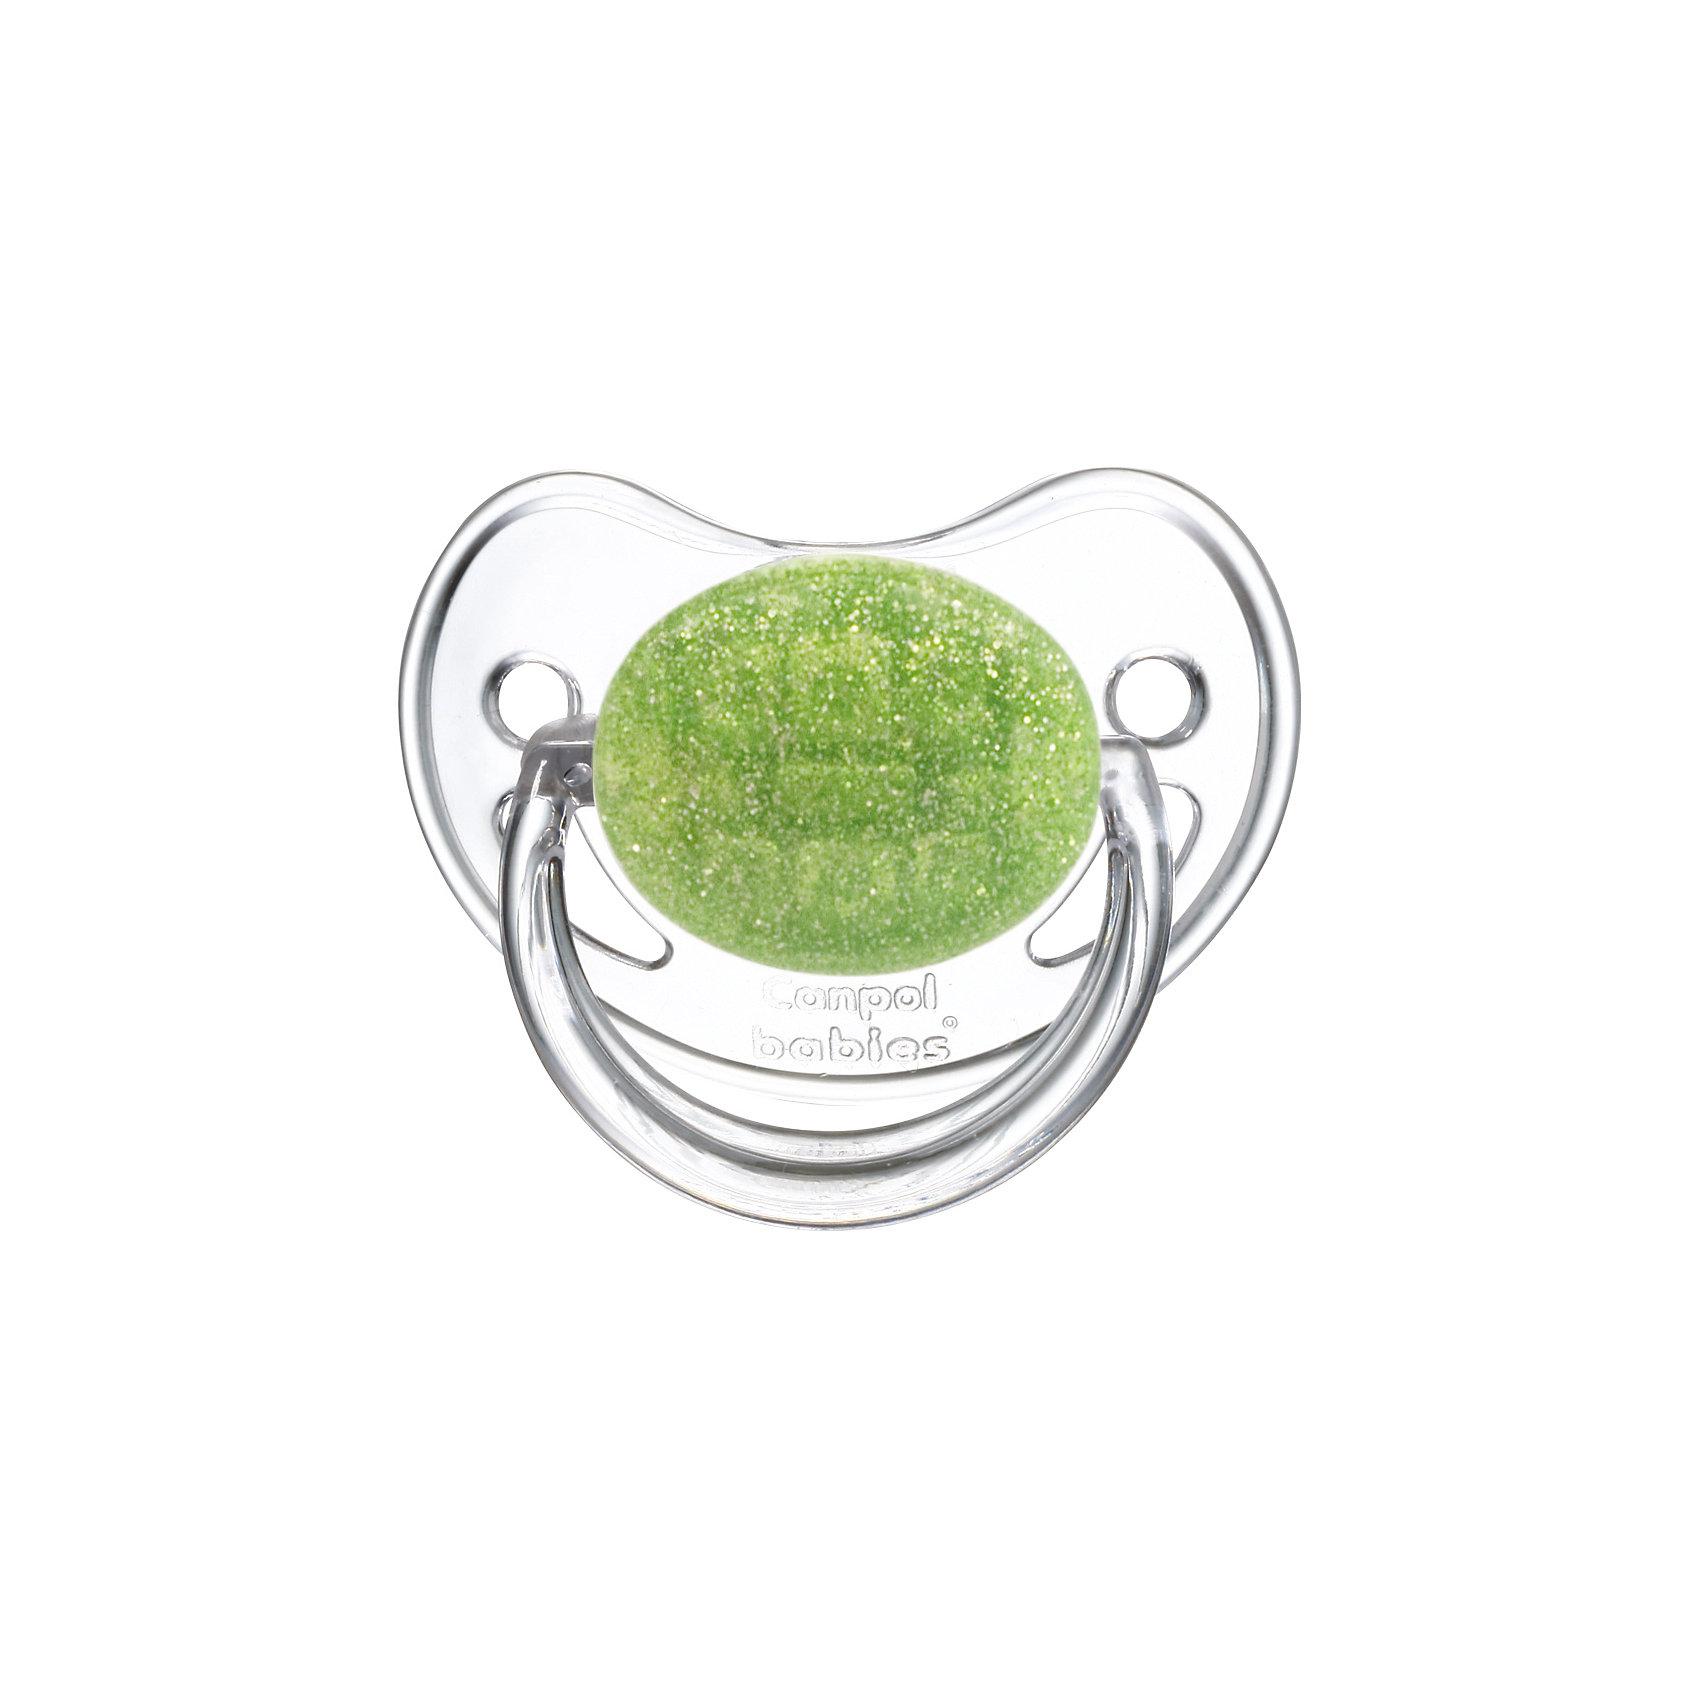 Пустышка круглая латексная, 0-6 Moonlight, Canpol Babies, зеленыйПустышки из латекса<br>Характеристики:<br><br>• Наименование: пустышка<br>• Пол: для девочки<br>• Материал: латекс, пластик<br>• Цвет: белый, зеленый<br>• Форма: круглая<br>• Наличие отверстий для вентиляции<br>• Наличие кольца для держателя<br>• Особенности ухода: регулярная стерилизация и своевременная замена<br><br>Пустышка круглая латексная, 0-6 Moonlight, Canpol Babies, зеленый имеет специальную форму, которая обеспечивает правильное давление на небо. Изготовлена из качественных и безопасных материалов. При правильном уходе обеспечивает длительное использование. У соски имеется ограничитель классической круглой формы с отверстиями для вентиляции и кольцо для держателя. Пустышка круглая латексная, 0-6 Moonlight, Canpol Babies, зеленый выполнена в стильном дизайне с эффектом серебристо-зеленого мерцания.<br><br>Пустышку круглую латексную, 0-6 Moonlight, Canpol Babies, зеленую можно купить в нашем интернет-магазине.<br><br>Ширина мм: 95<br>Глубина мм: 45<br>Высота мм: 155<br>Вес г: 110<br>Возраст от месяцев: 0<br>Возраст до месяцев: 6<br>Пол: Женский<br>Возраст: Детский<br>SKU: 5156632